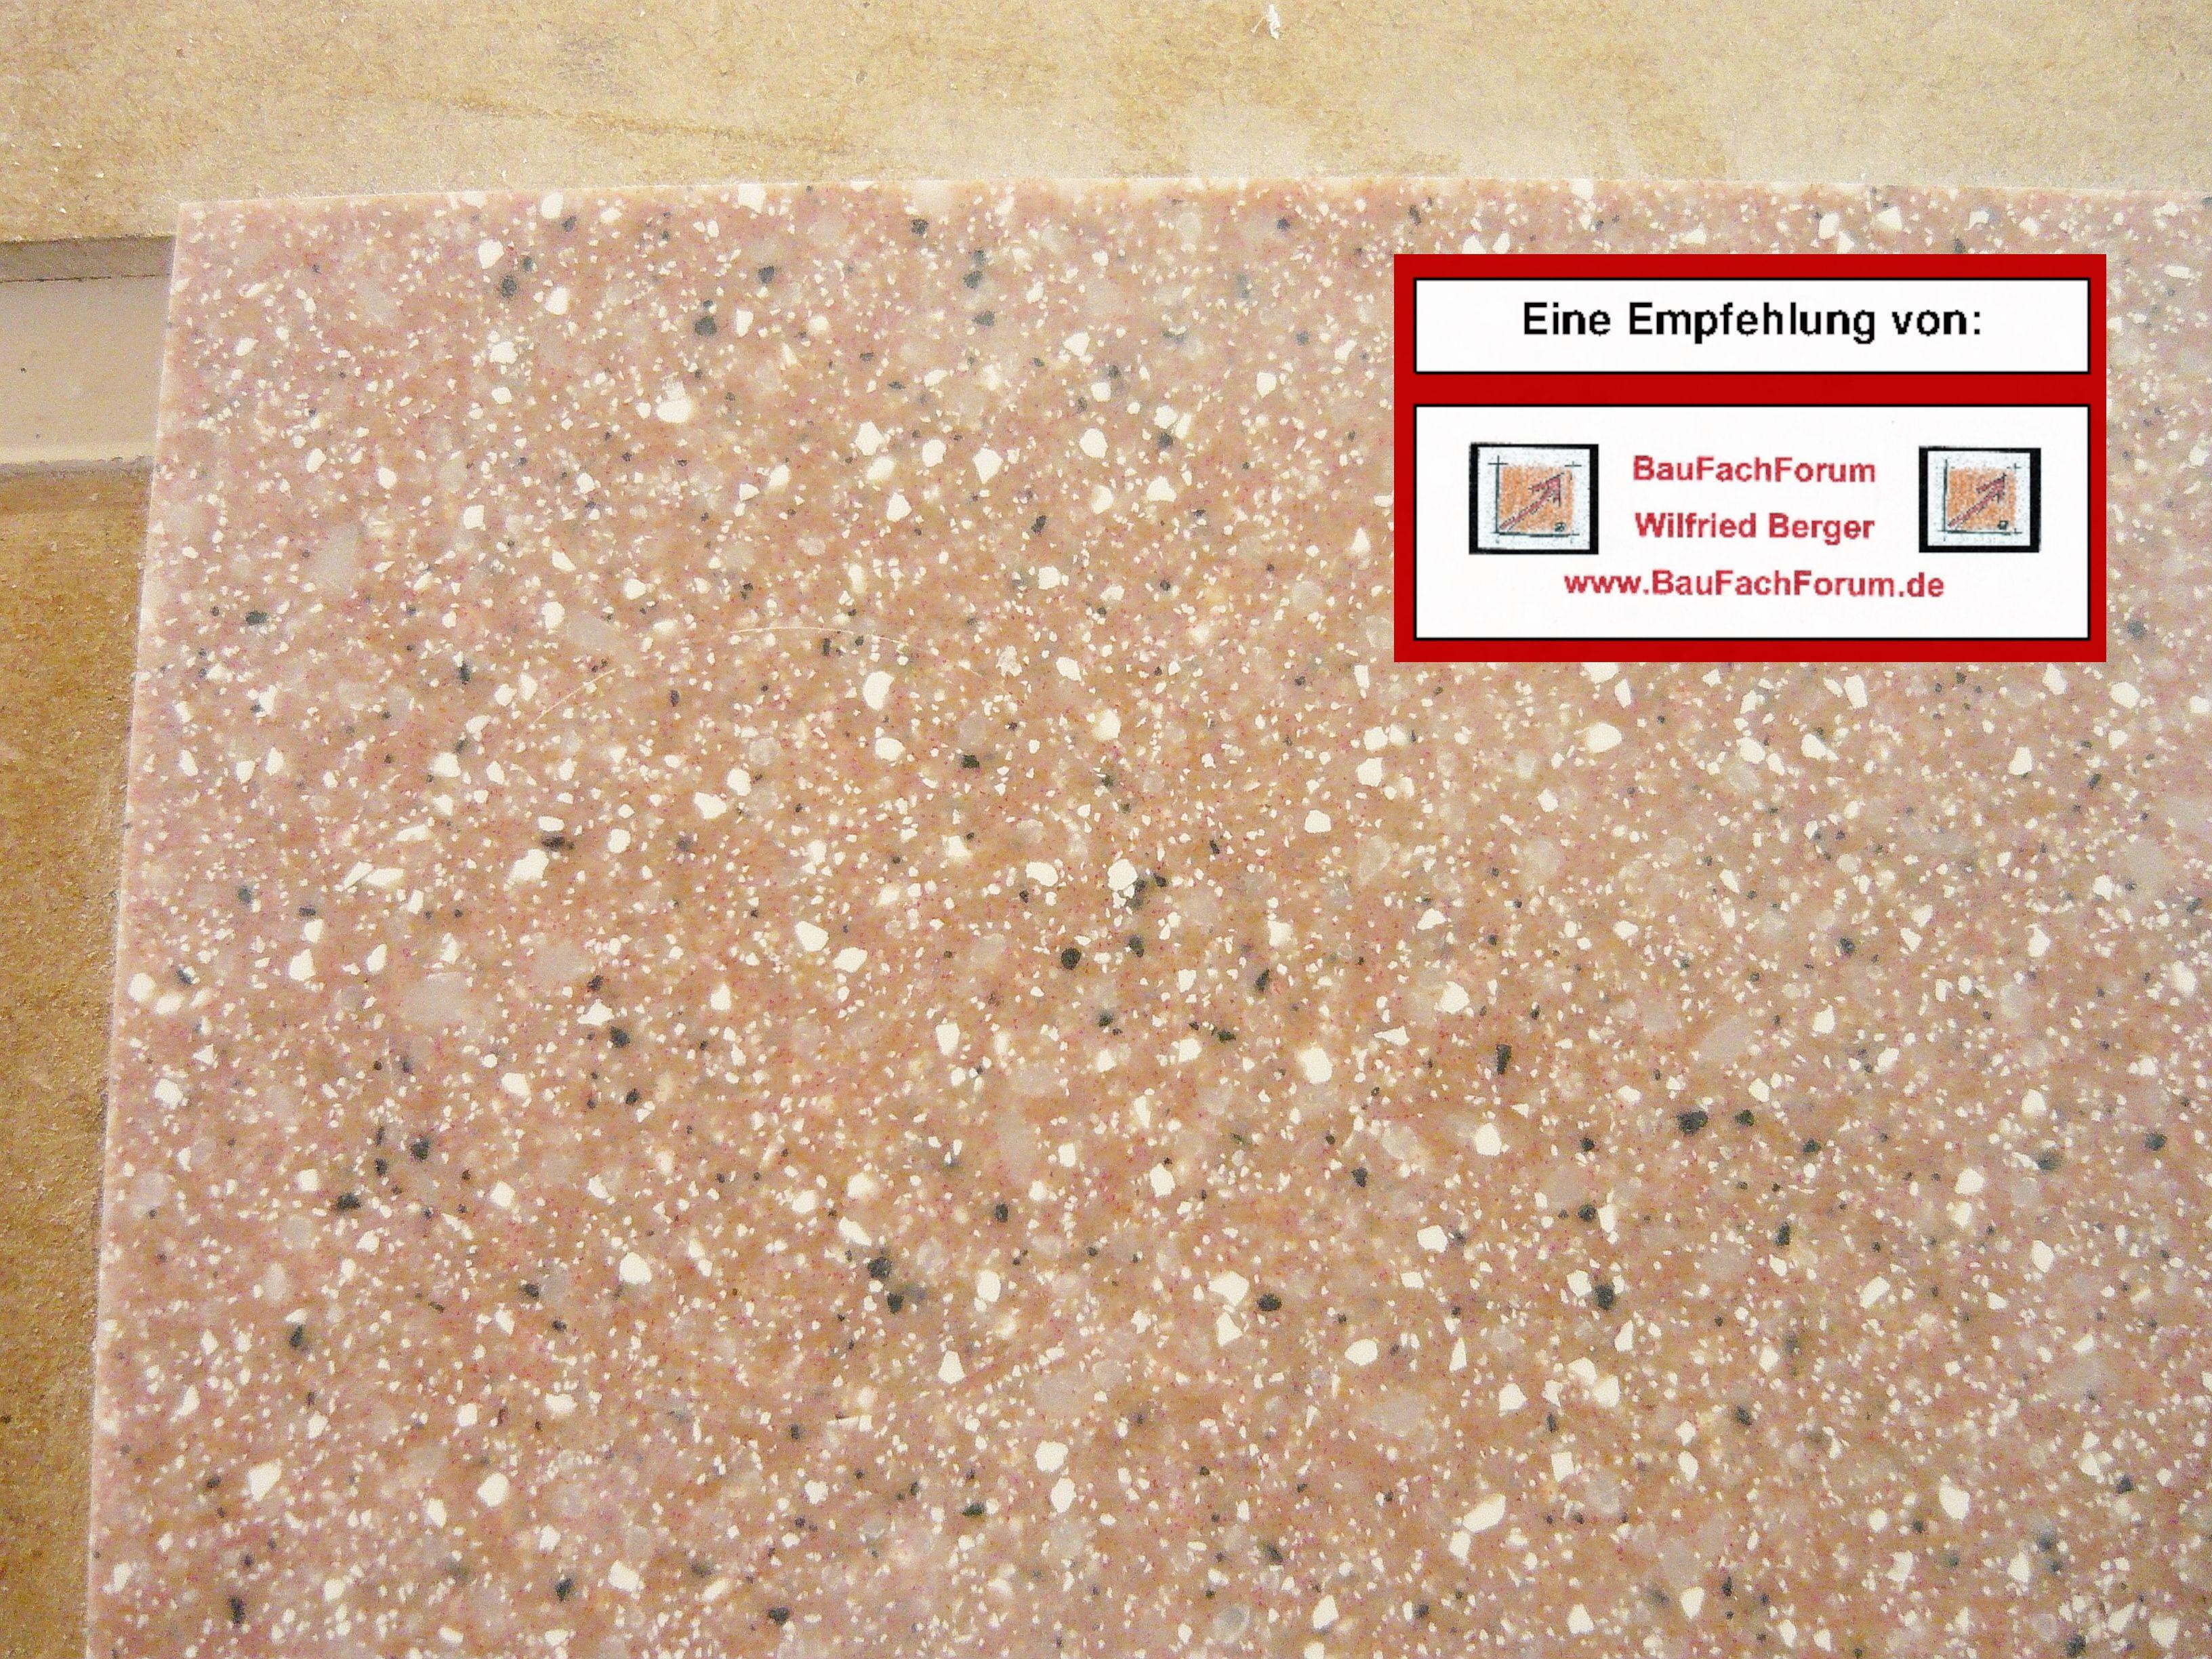 Baufachforum Schaden Sachverstandiger Wilfried Berger Verbindungsfugen Mineralsteinplatten Mineralwerkstoffe Getalit Wes Fortbildung Bau Fenster Einbauen